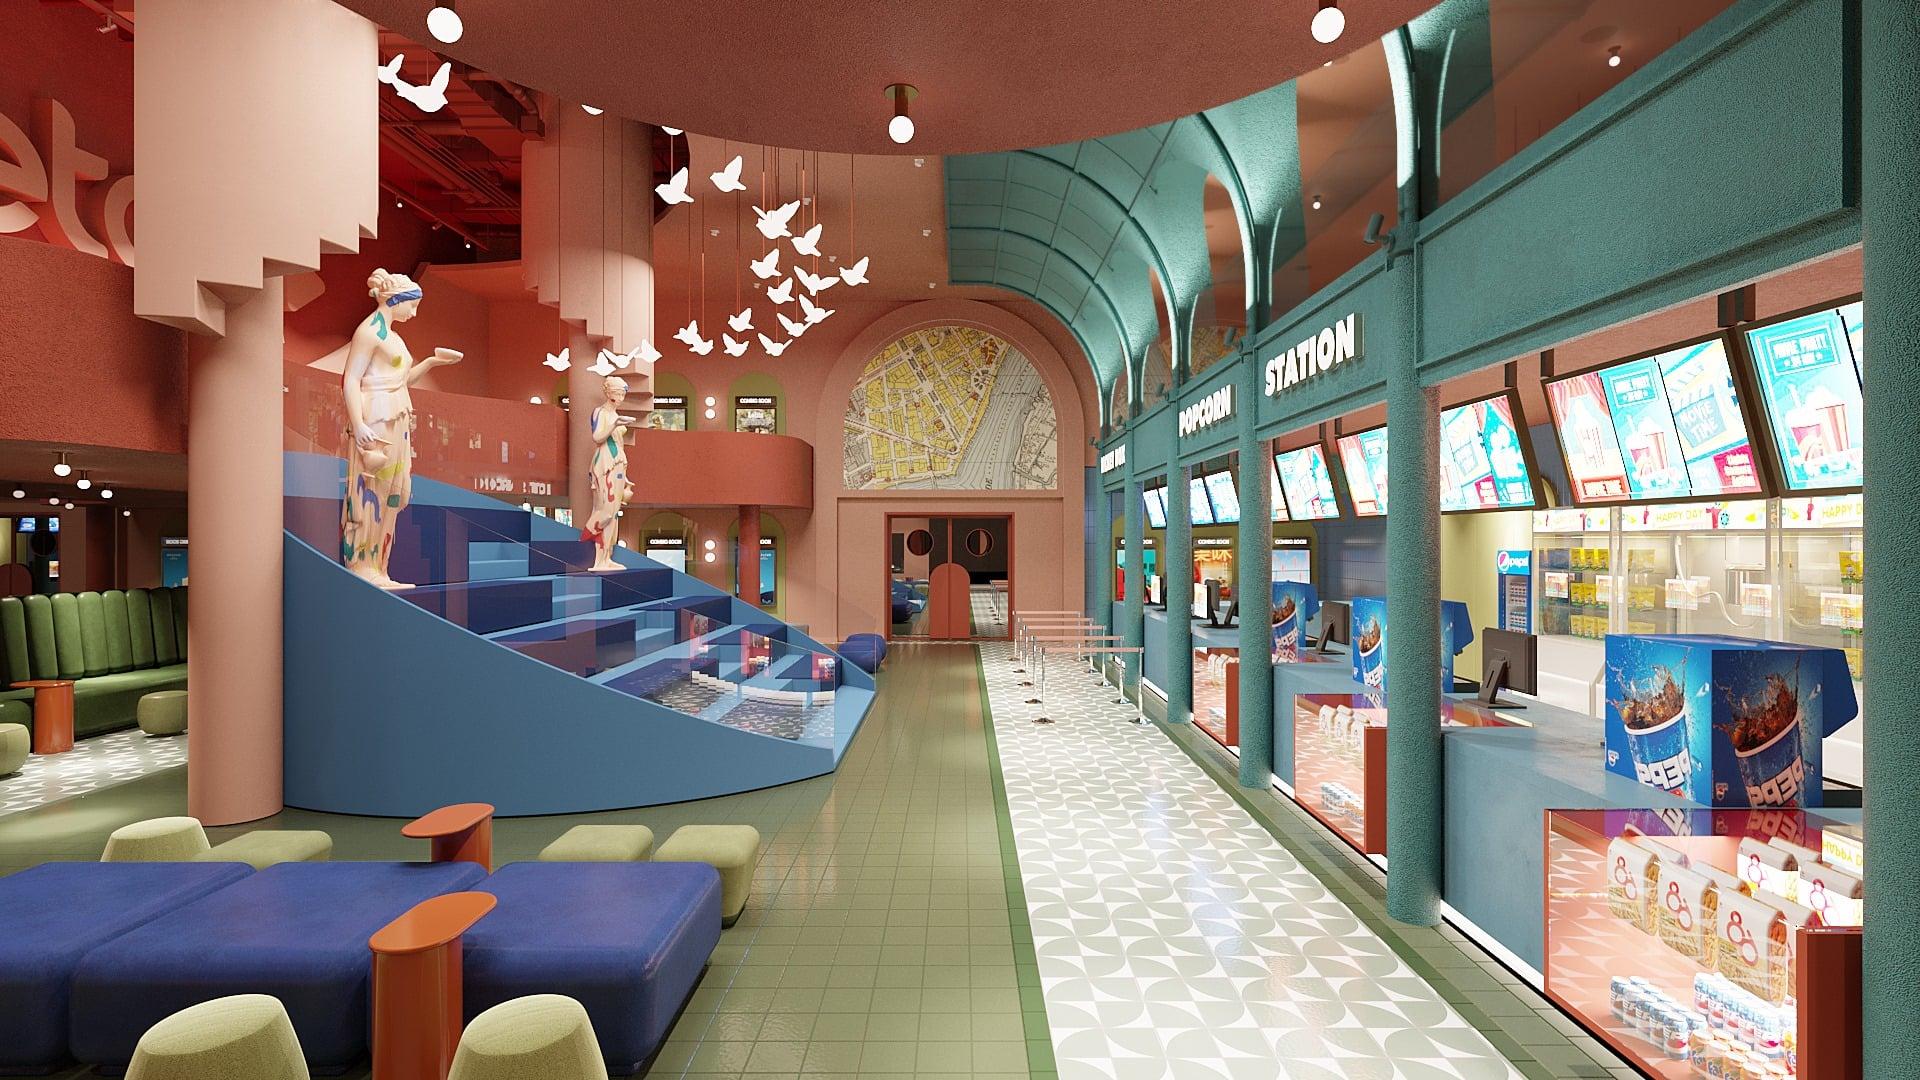 Beta Cinemas Quang Trung, rạp phim mới ở TP HCM mang phong cách Artistic Urban Lifestyle - Ảnh 2.